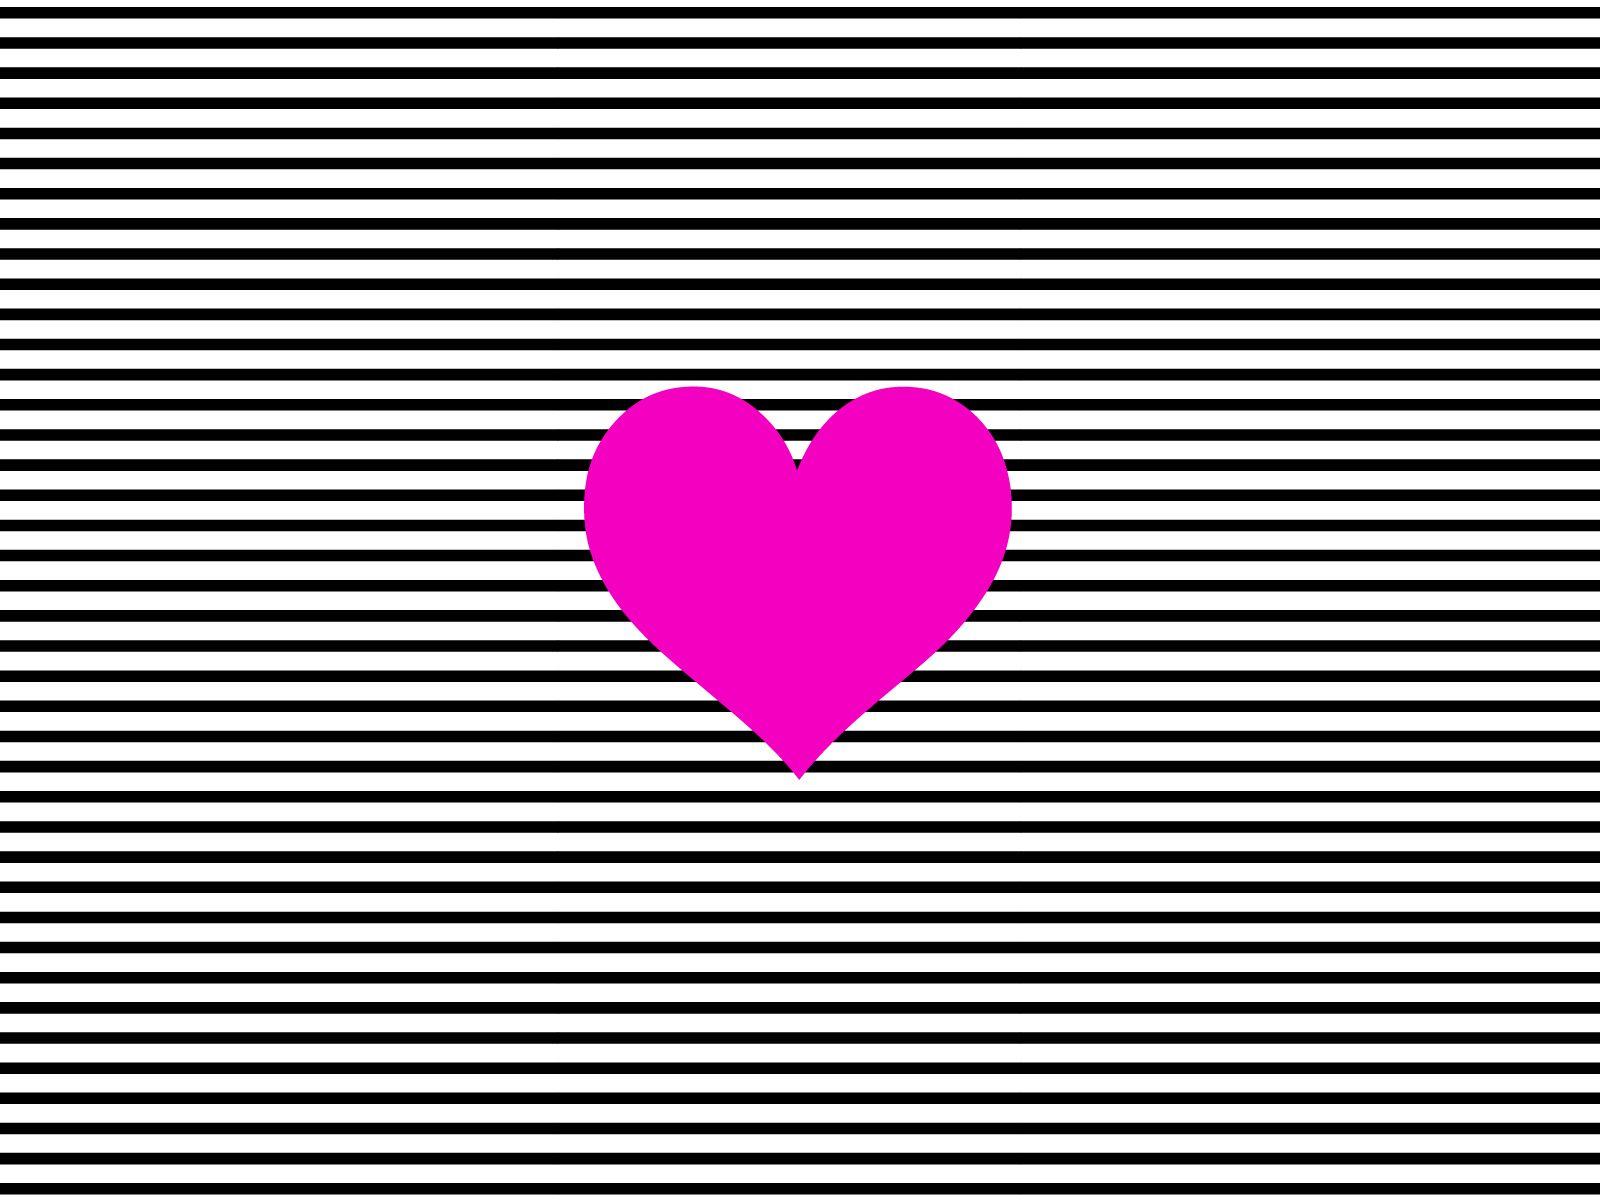 Ban.do Desktop Wallpapers | ban.do | W A L L P A P E R S | Pinterest | Wallpaper, Fashion ...